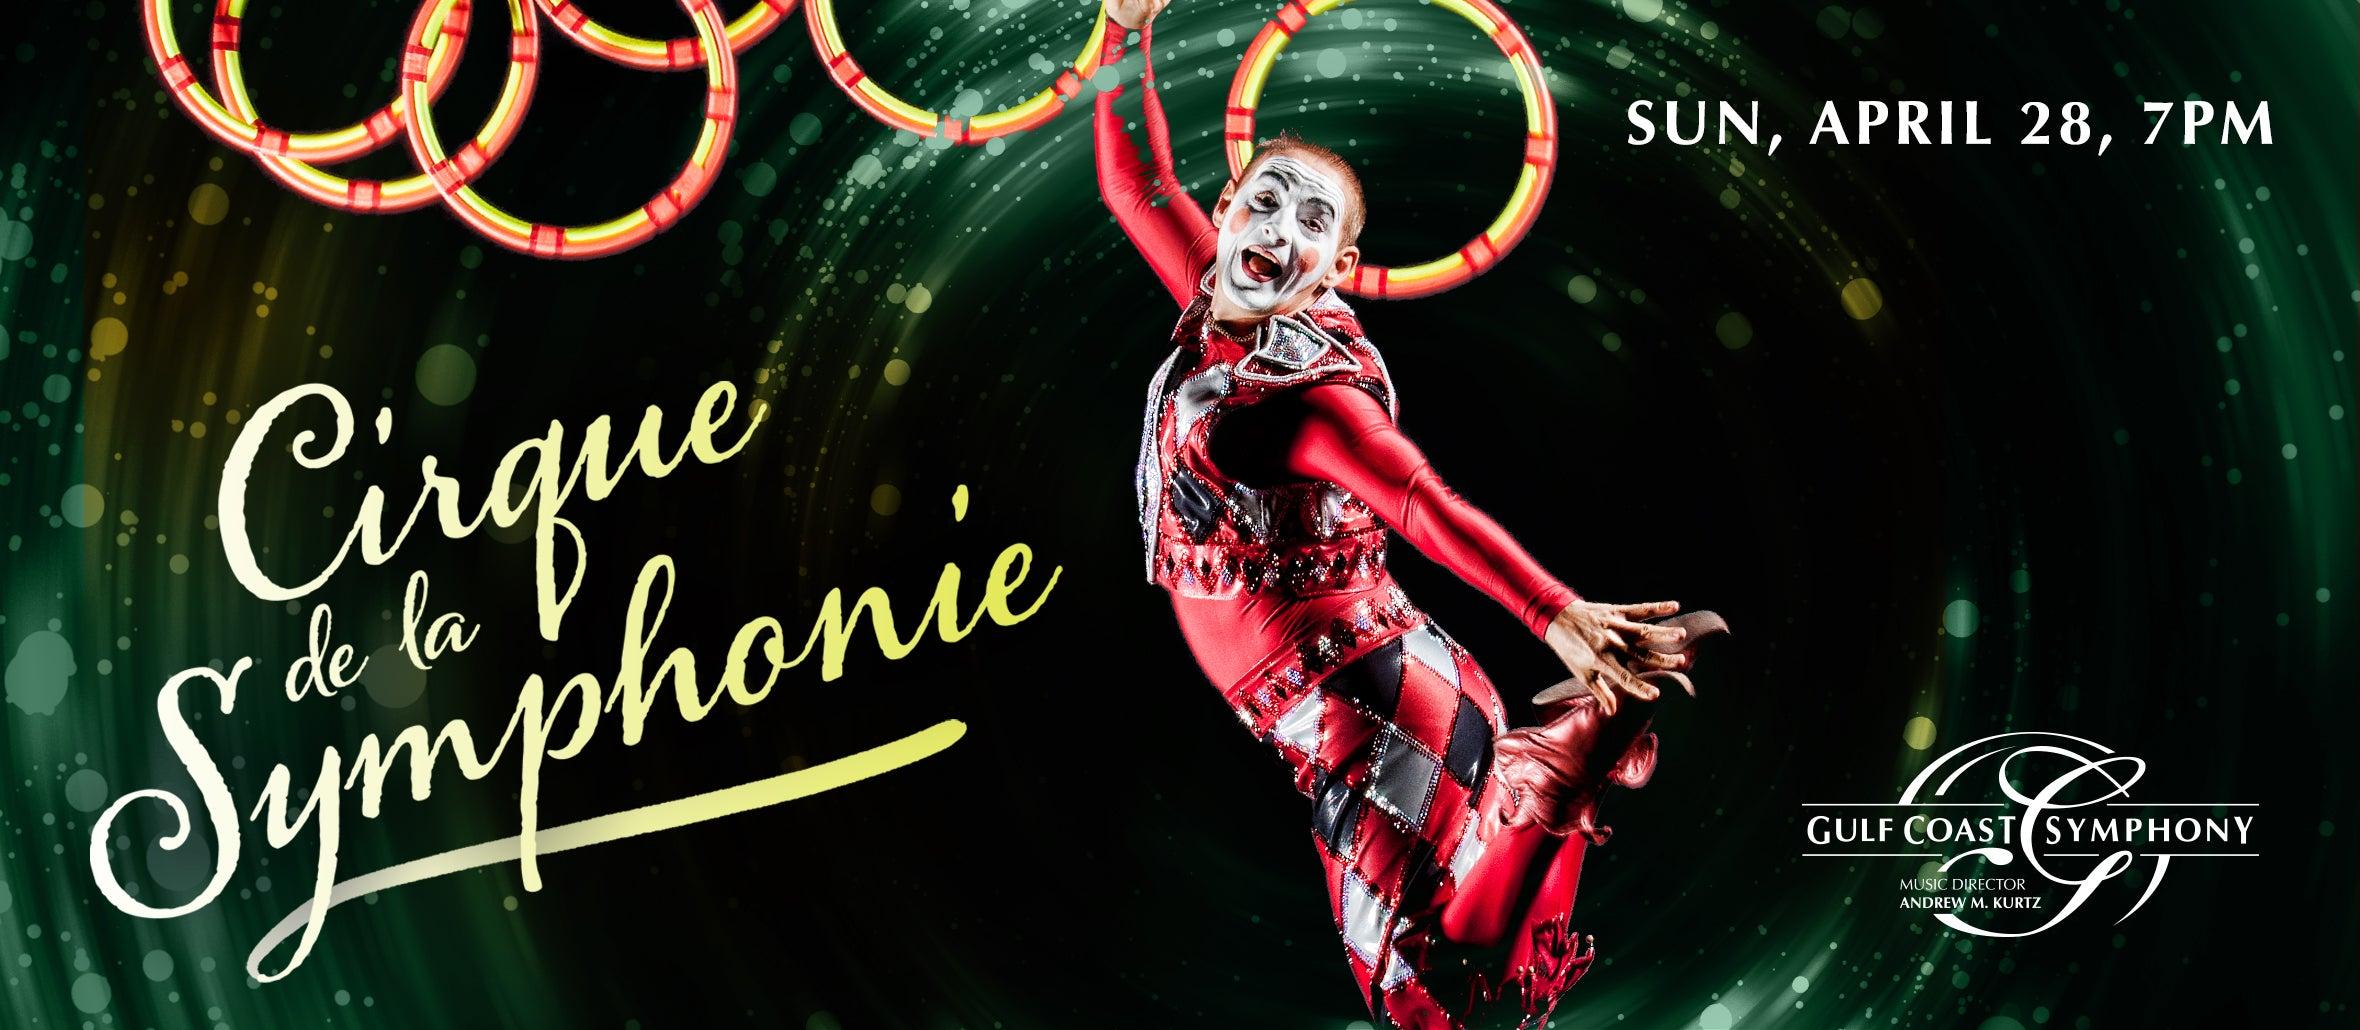 Gulf Coast Symphony: Cirque de la Symphonie